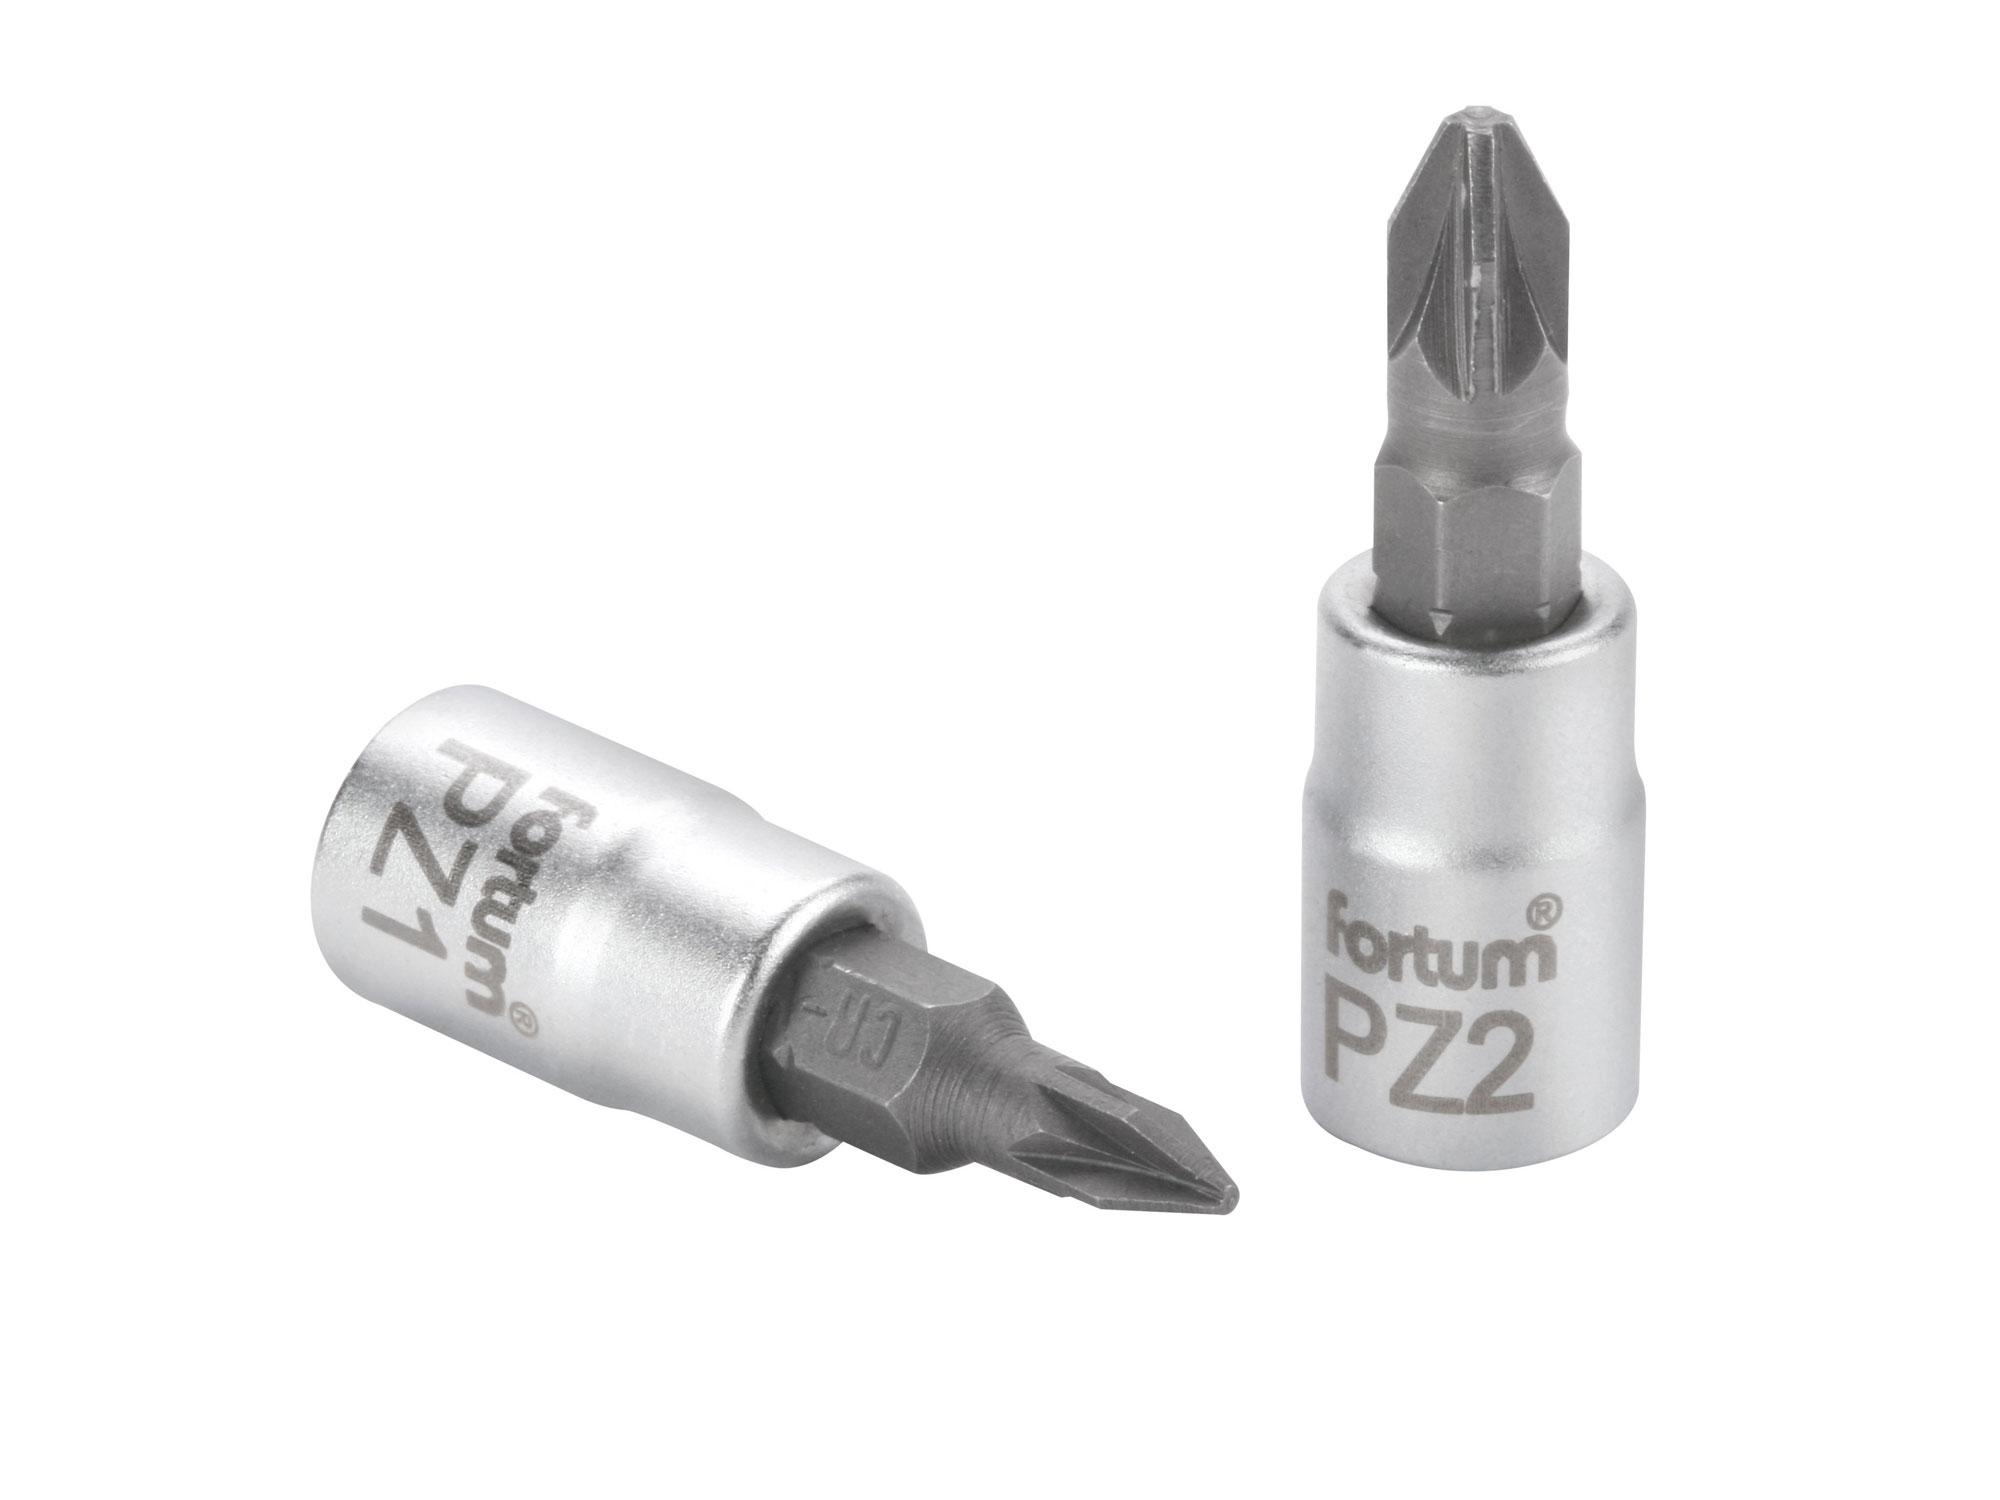 """Hlavice zástrčná 1/4"""" hrot pozidriv, PZ 3, L 37mm FORTUM 4701823"""